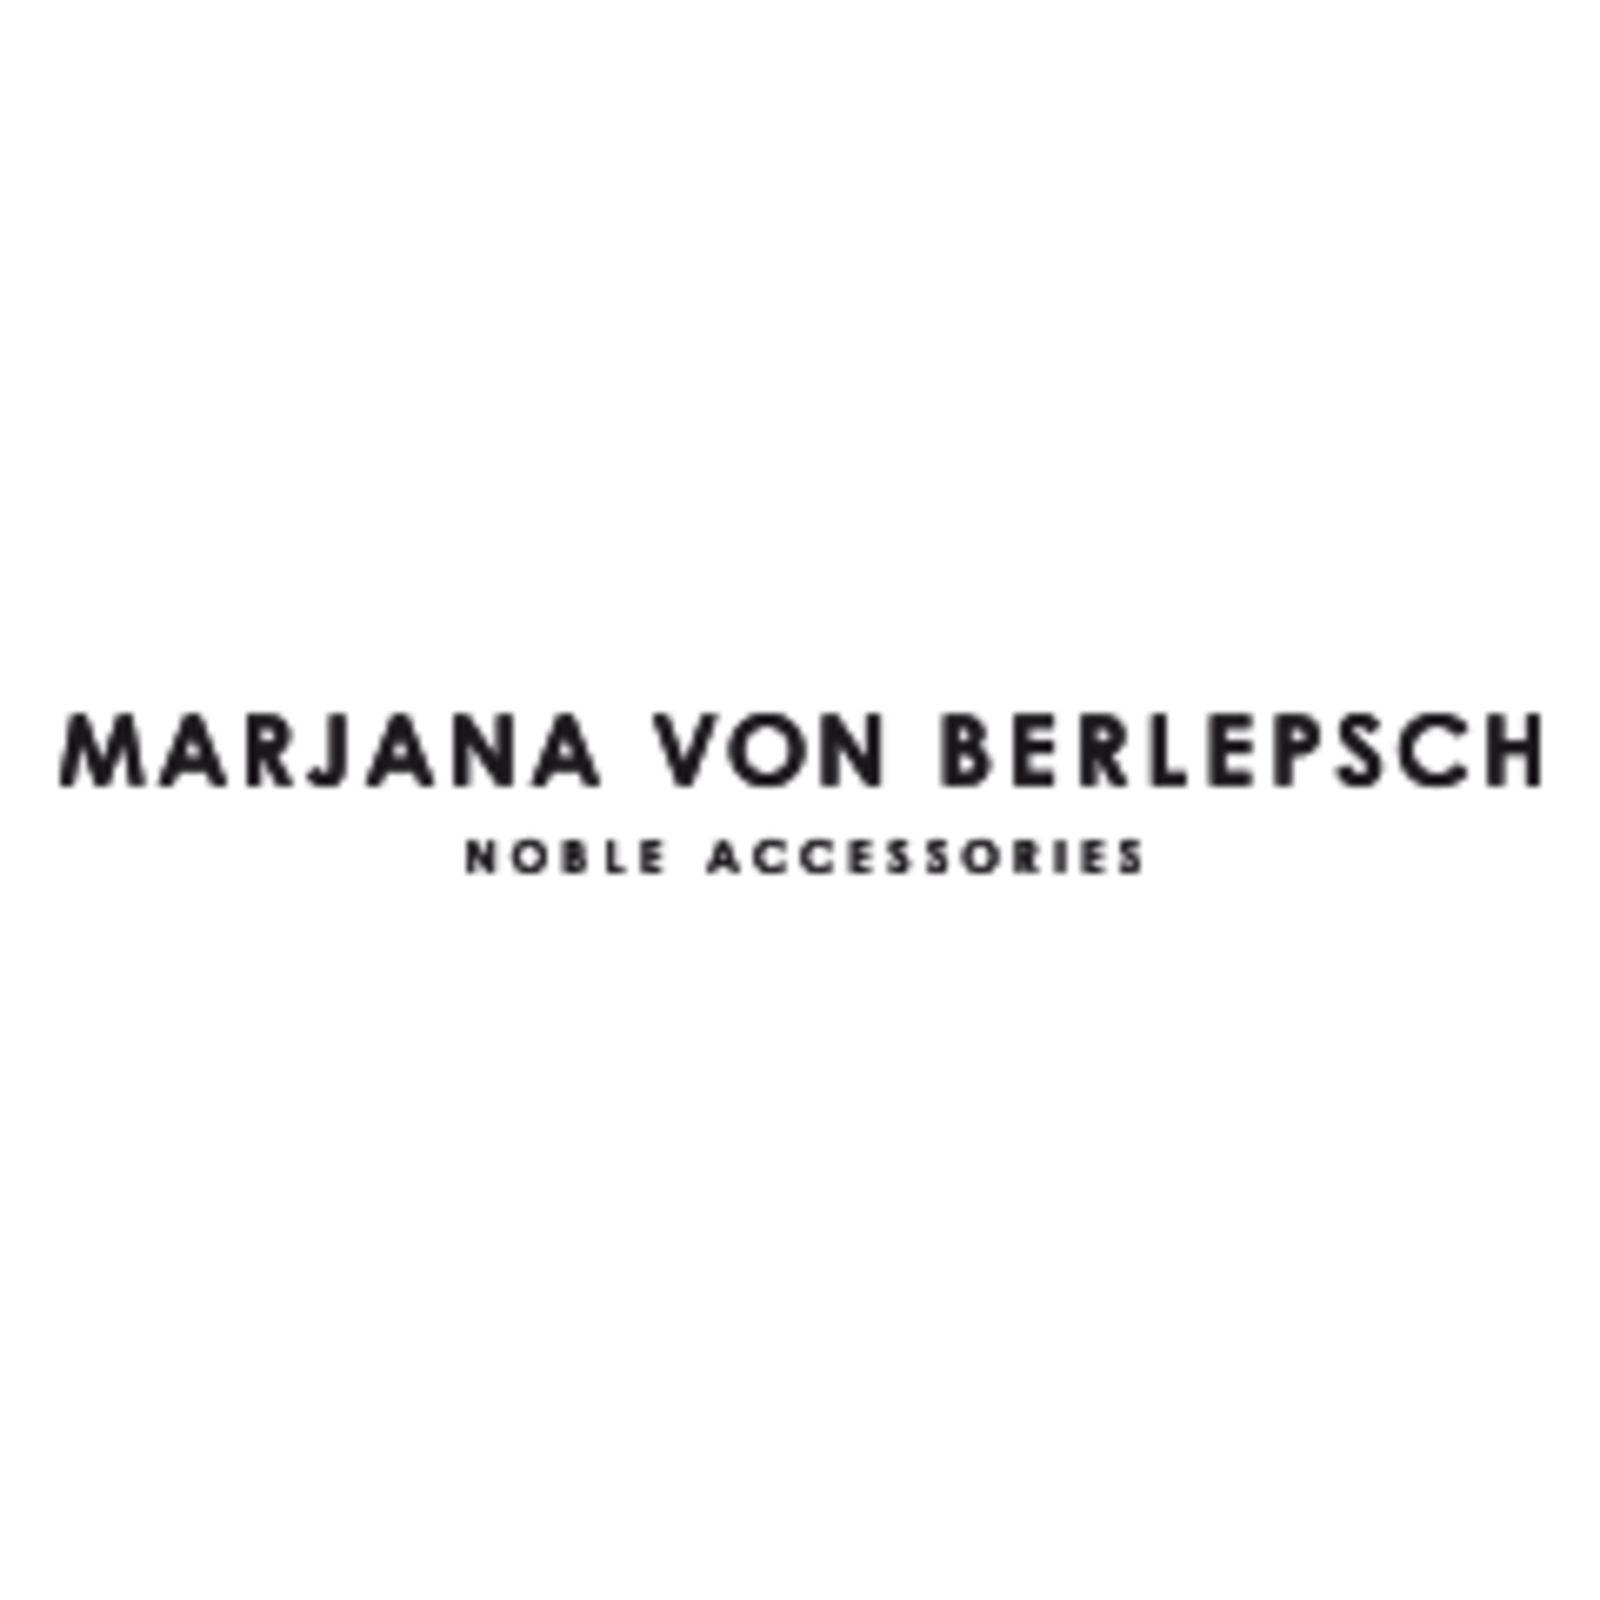 MARJANA VON BERLEPSCH